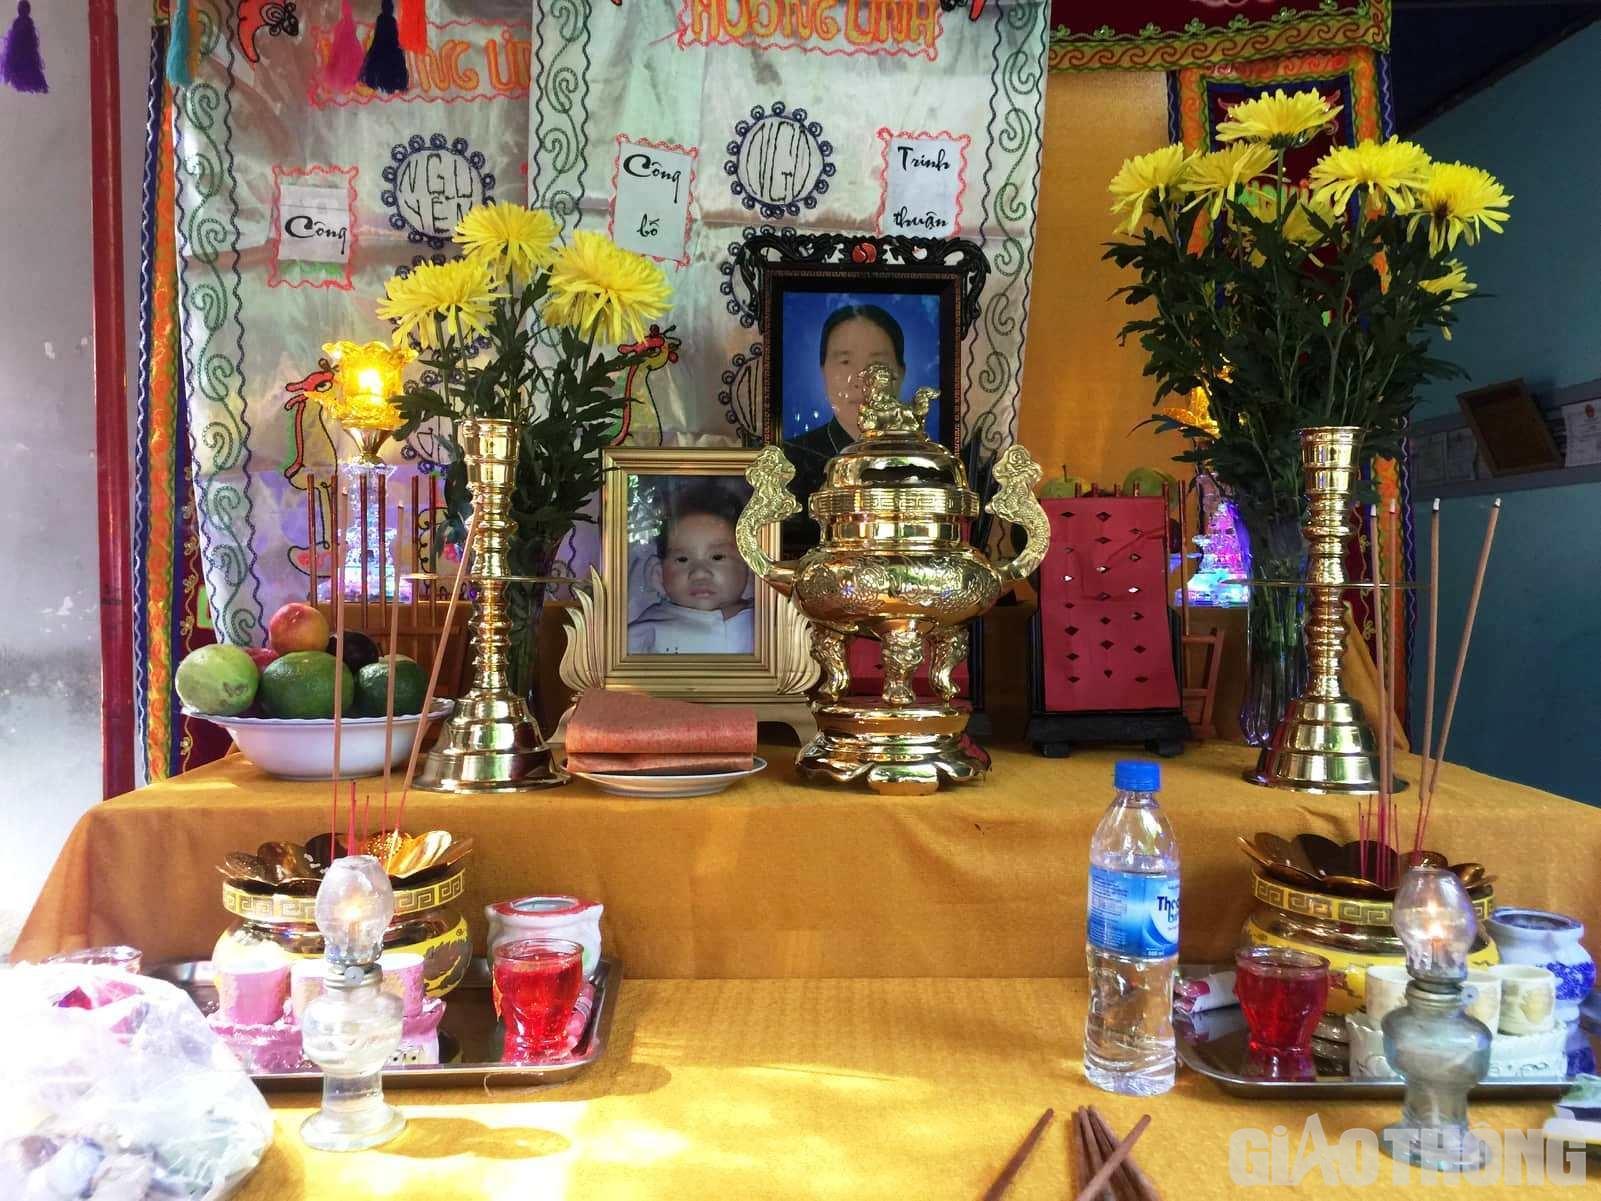 TNGT 2 bà cháu tử vong ở Quảng Ngãi: Thắt lòng ngày đoàn tụ thành đại tang - 1